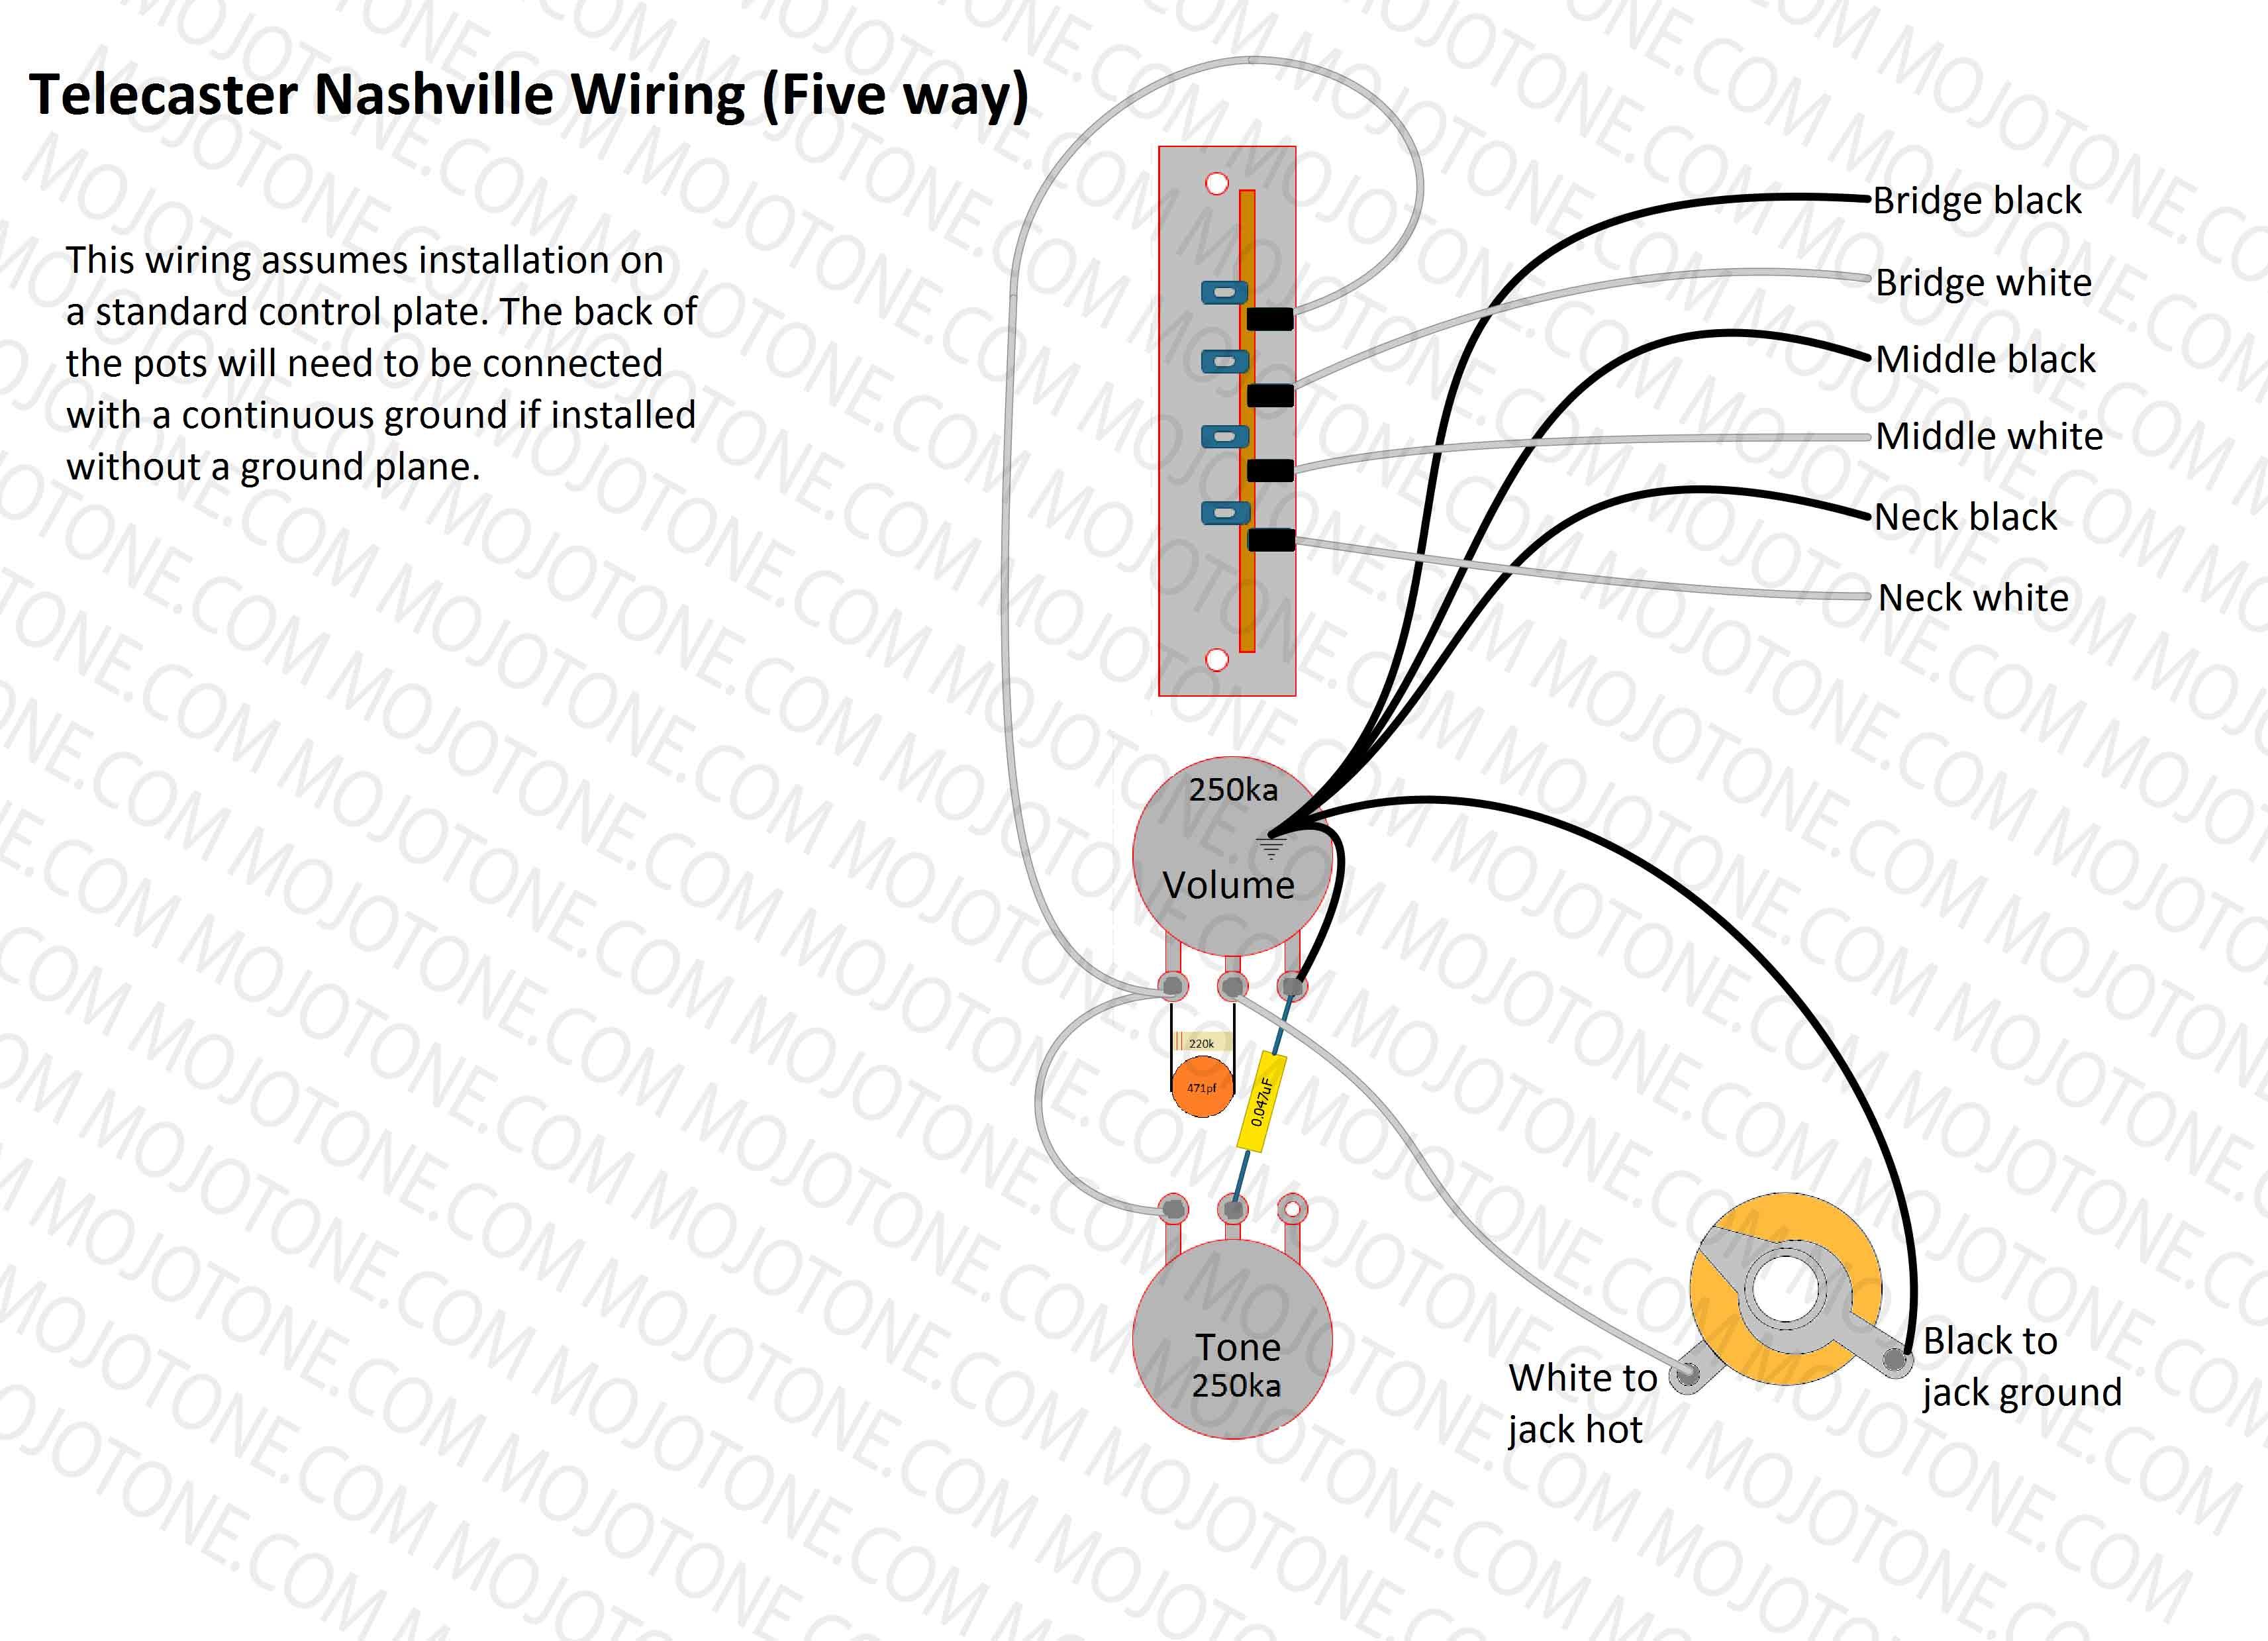 Telecaster Nashville Wiring Diagram - Tele Wiring Diagram